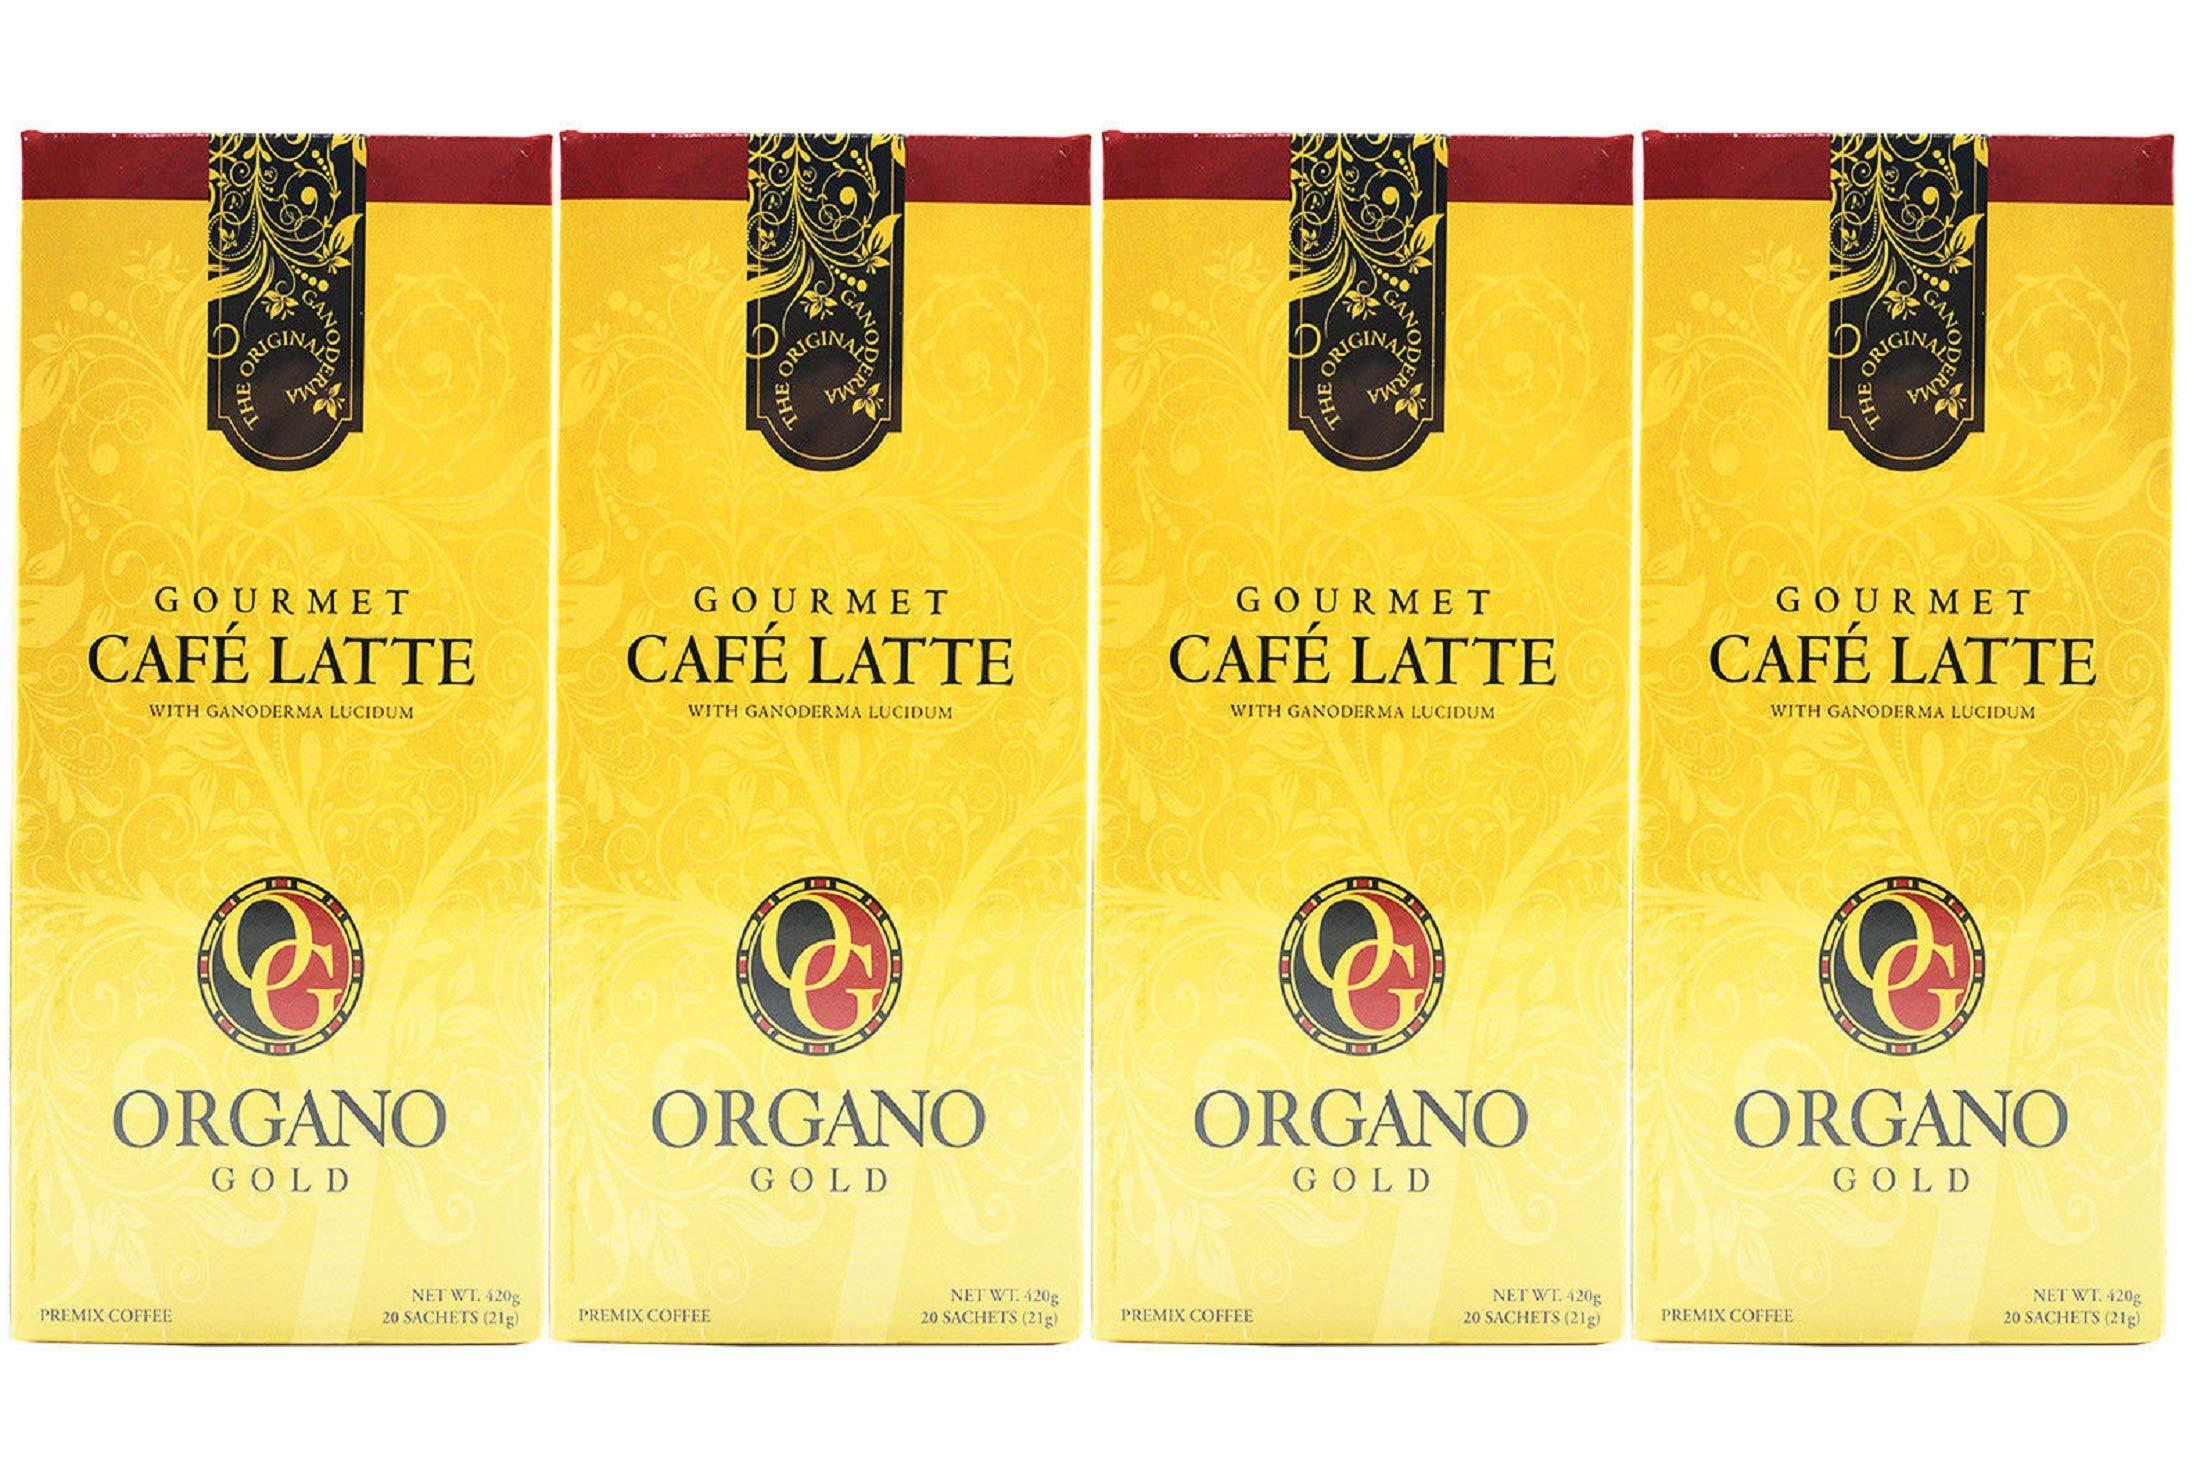 4 Box 100% Certified Organic Organic Ganoderma Gourmet Organo Gold Cafe Latte Offer Free Express